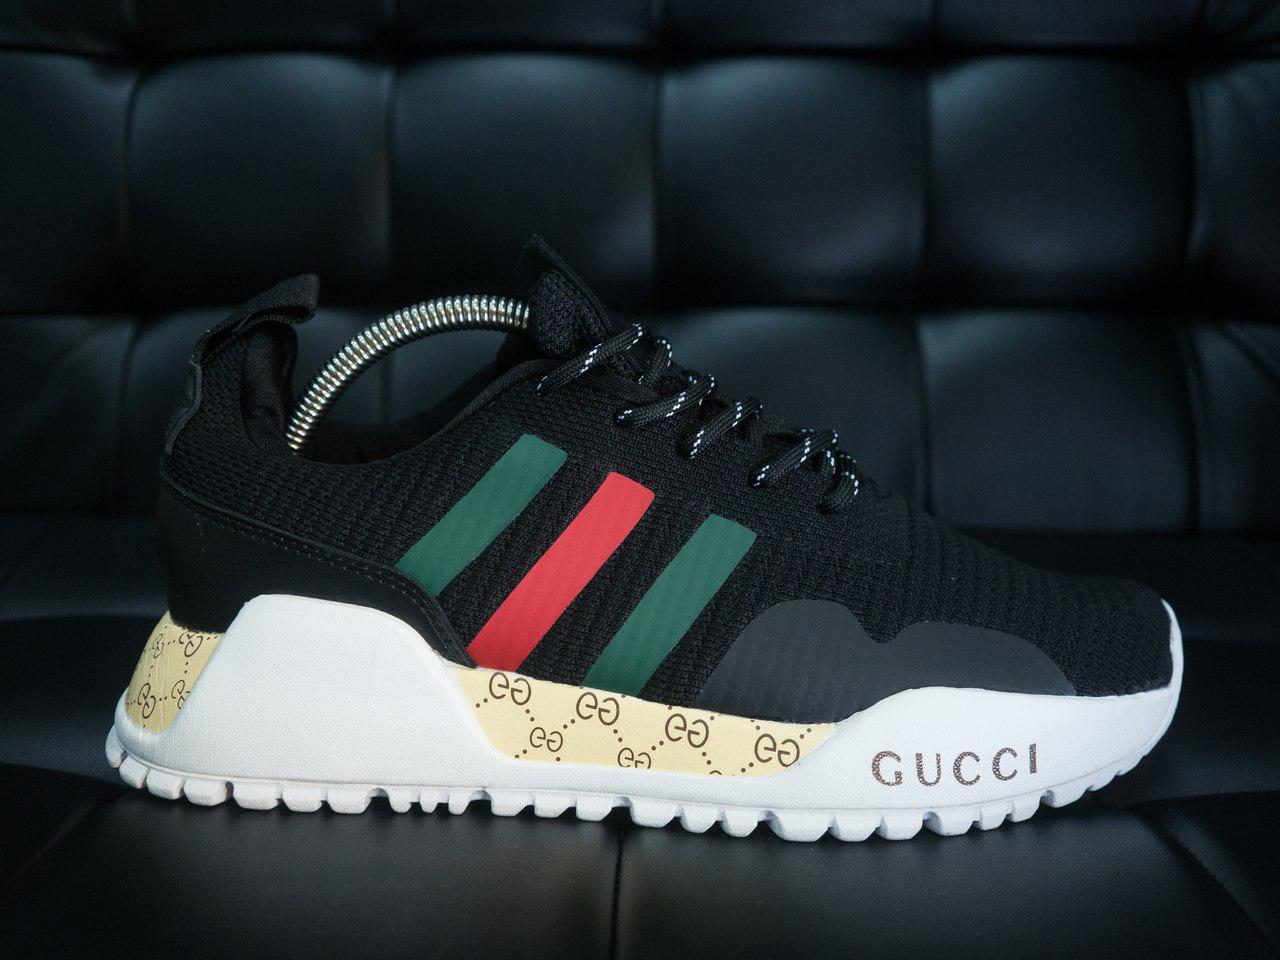 Кроссовки Adidas Guccі. Колаборация брендов в одной модели мужских ... a0534172eab